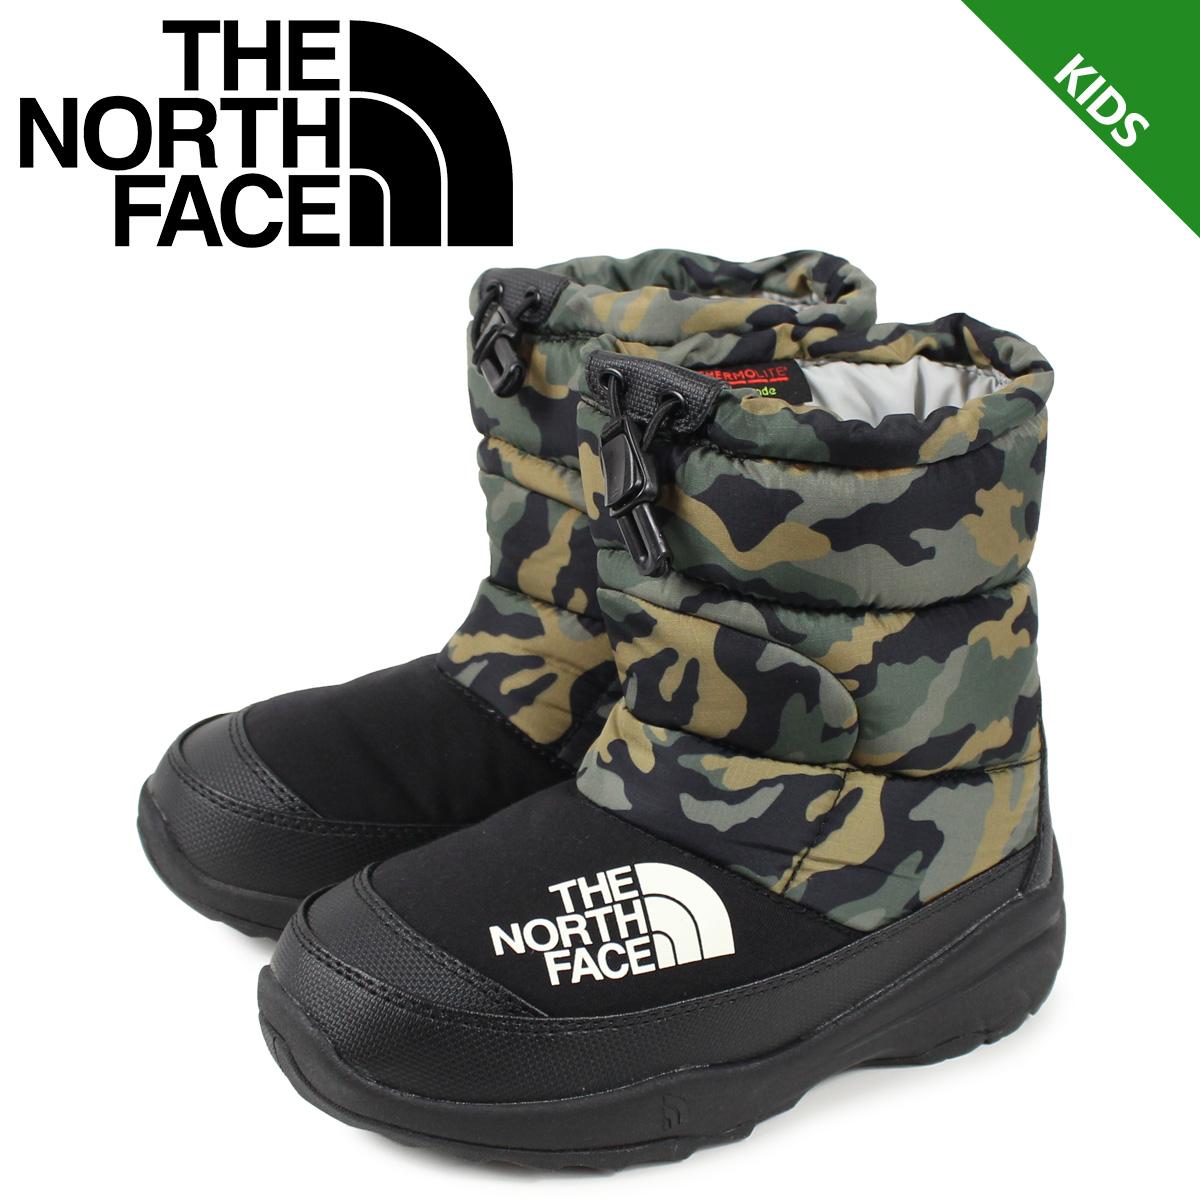 ノースフェイス THE NORTH FACE ヌプシ ブーティー 4 ブーツ キッズ K NUPTSE BOOTIE 4 カモ 迷彩 NFJ51981 [11/18 新入荷]